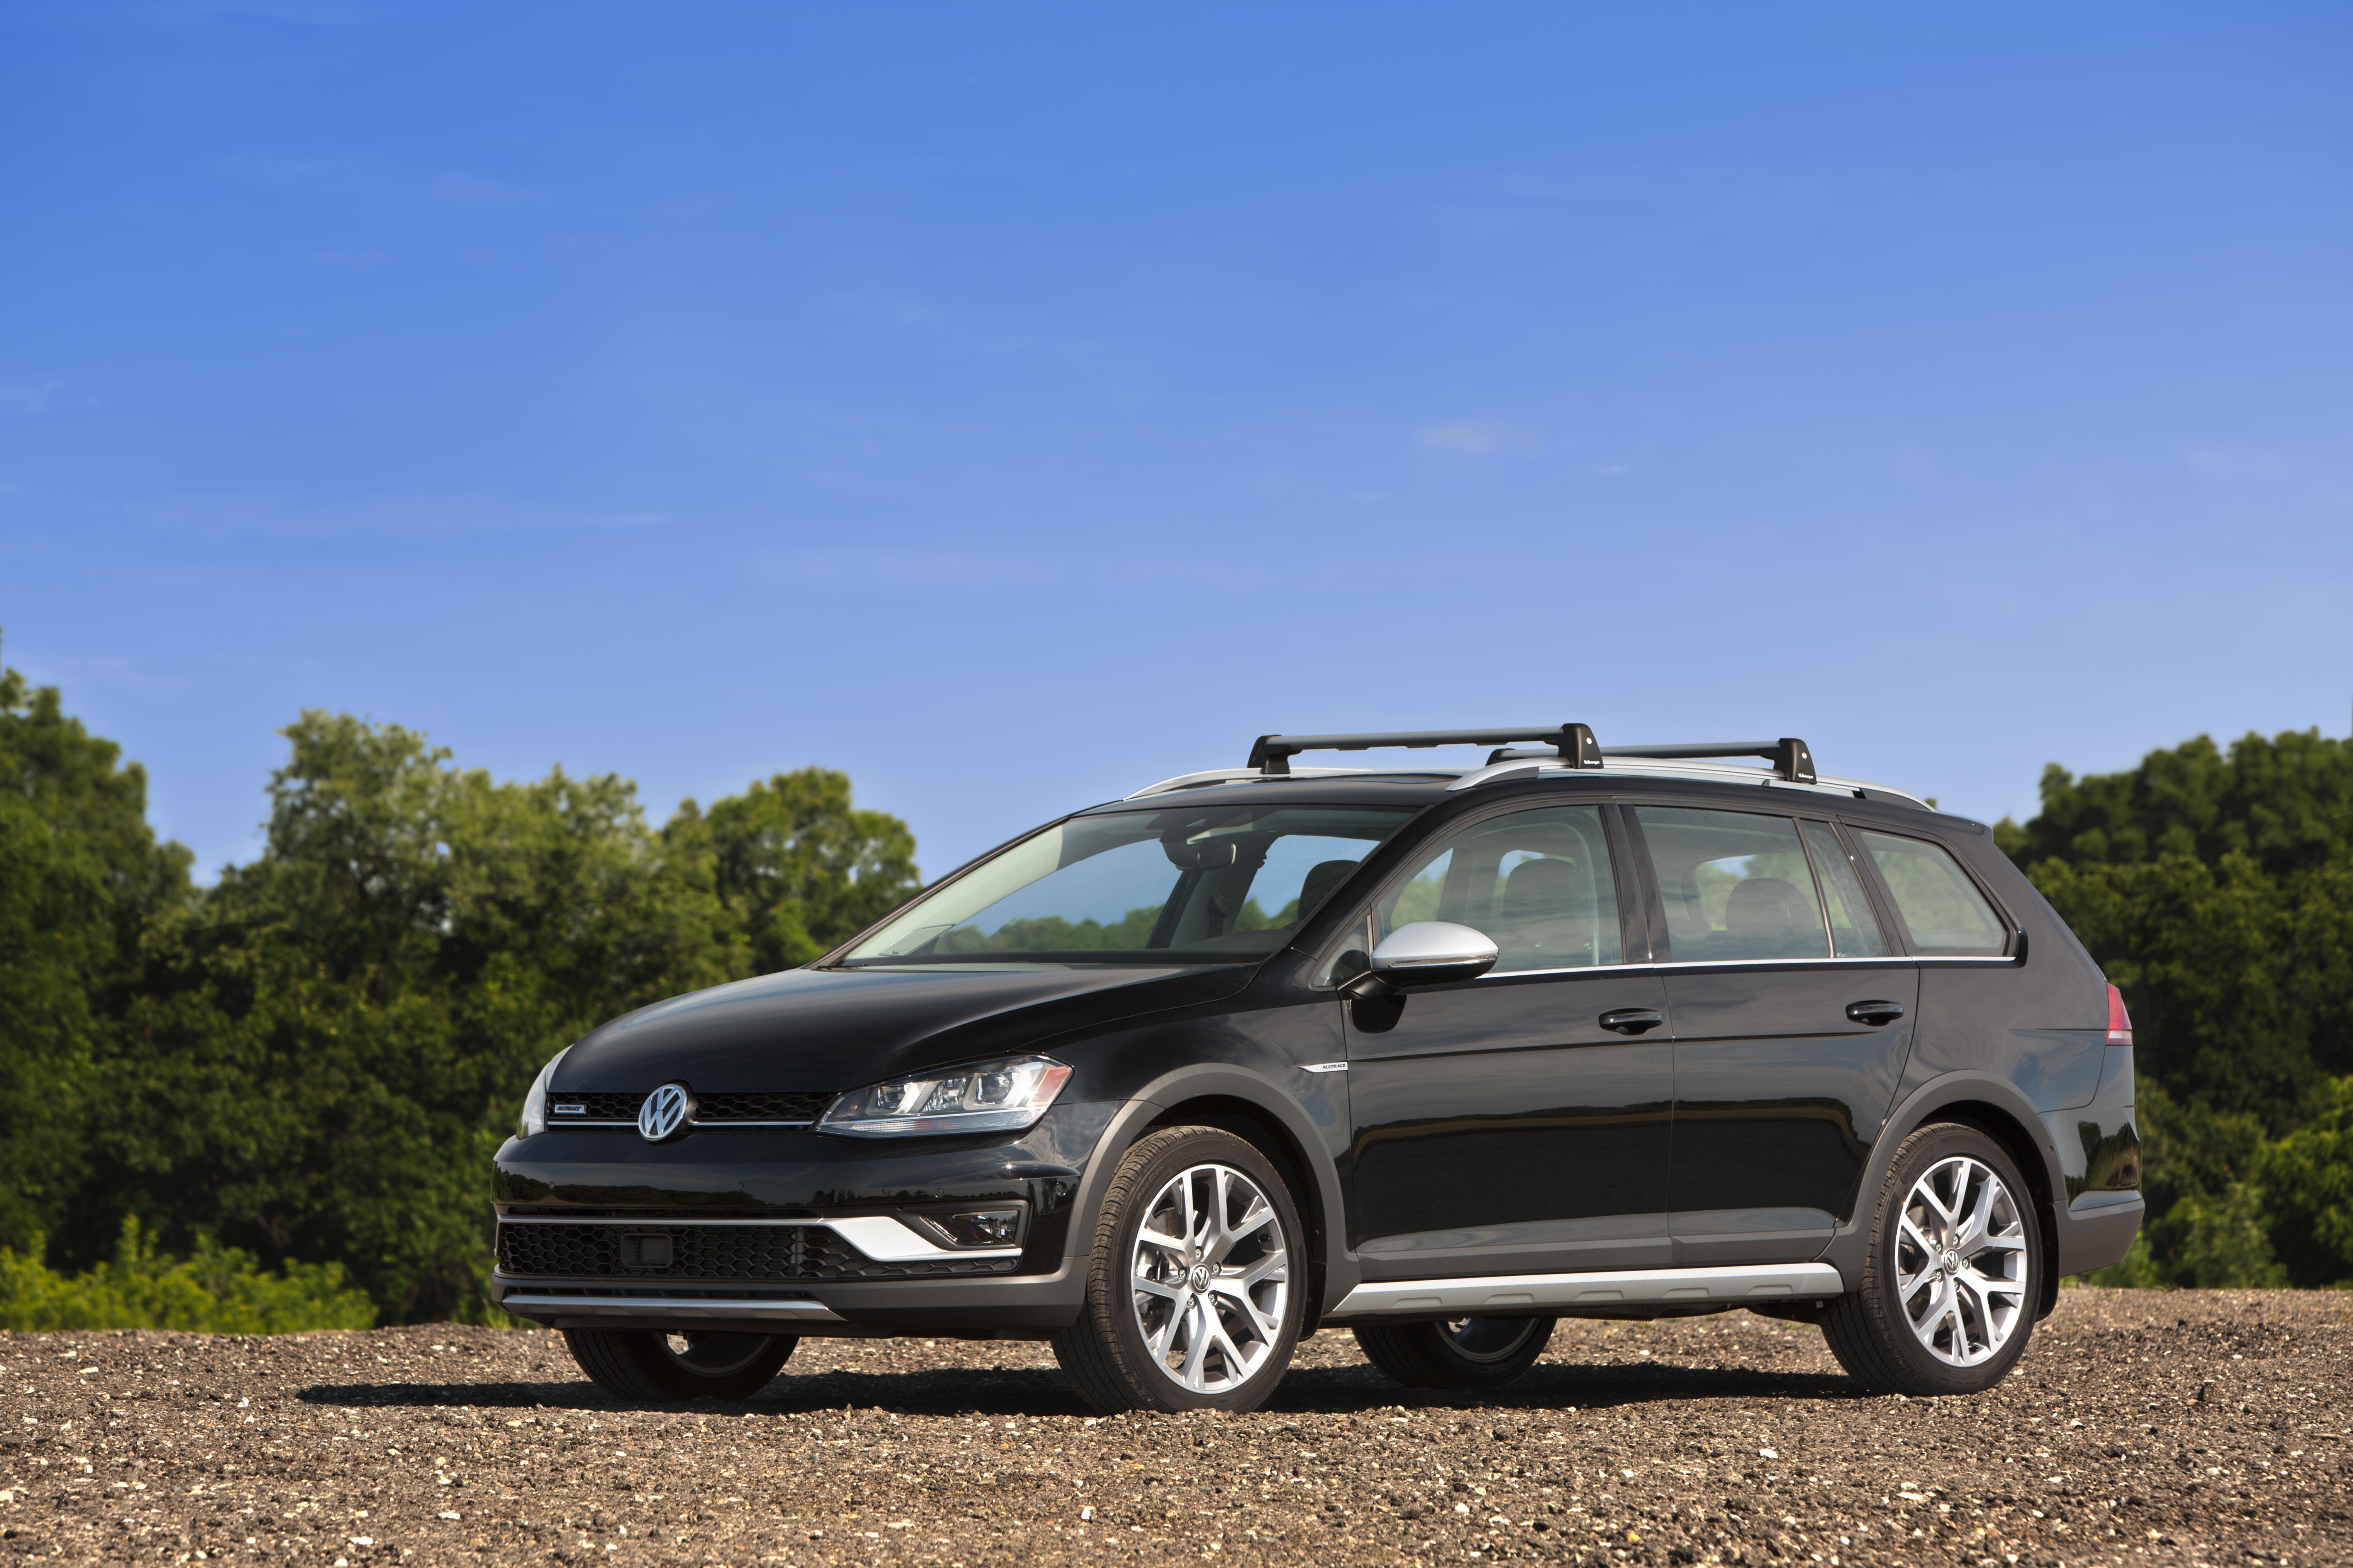 2016 Volkswagen Sportwagen Base Carrier Bars Rack Roof